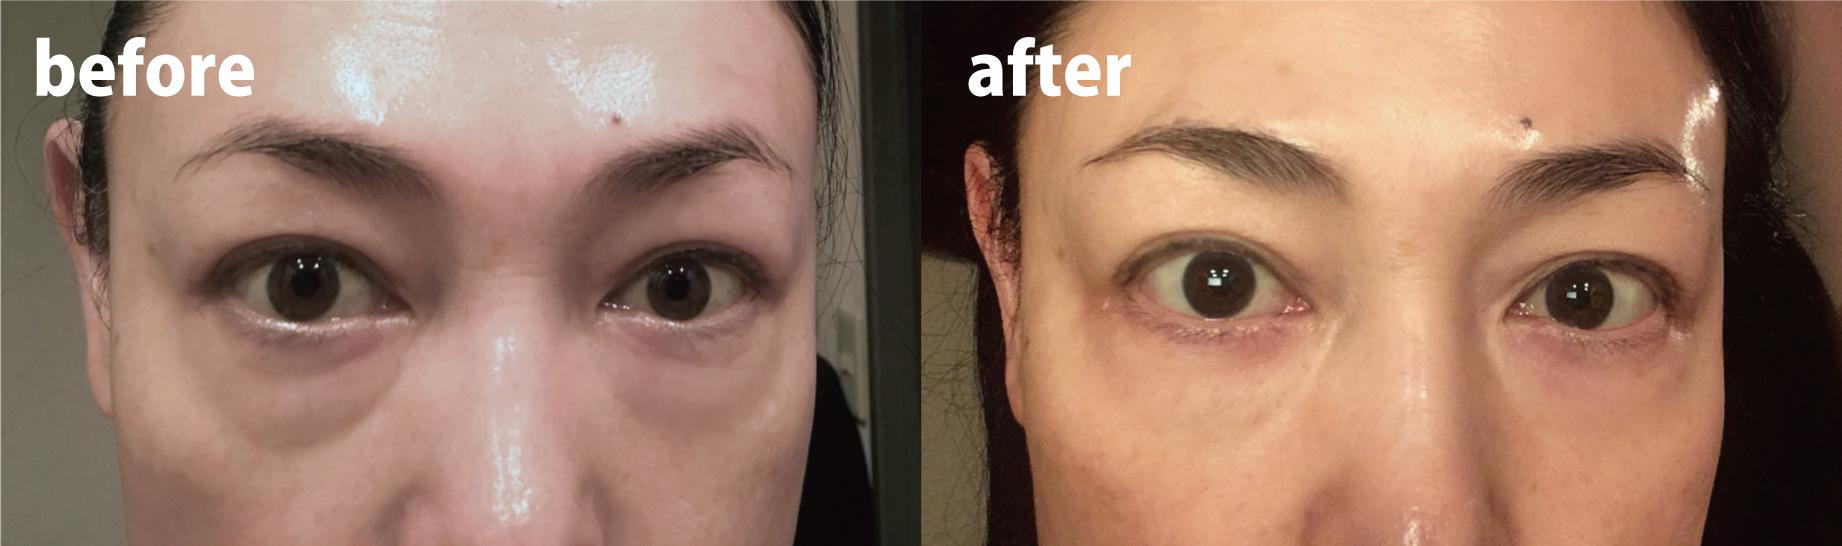 目の下のたるみ改善